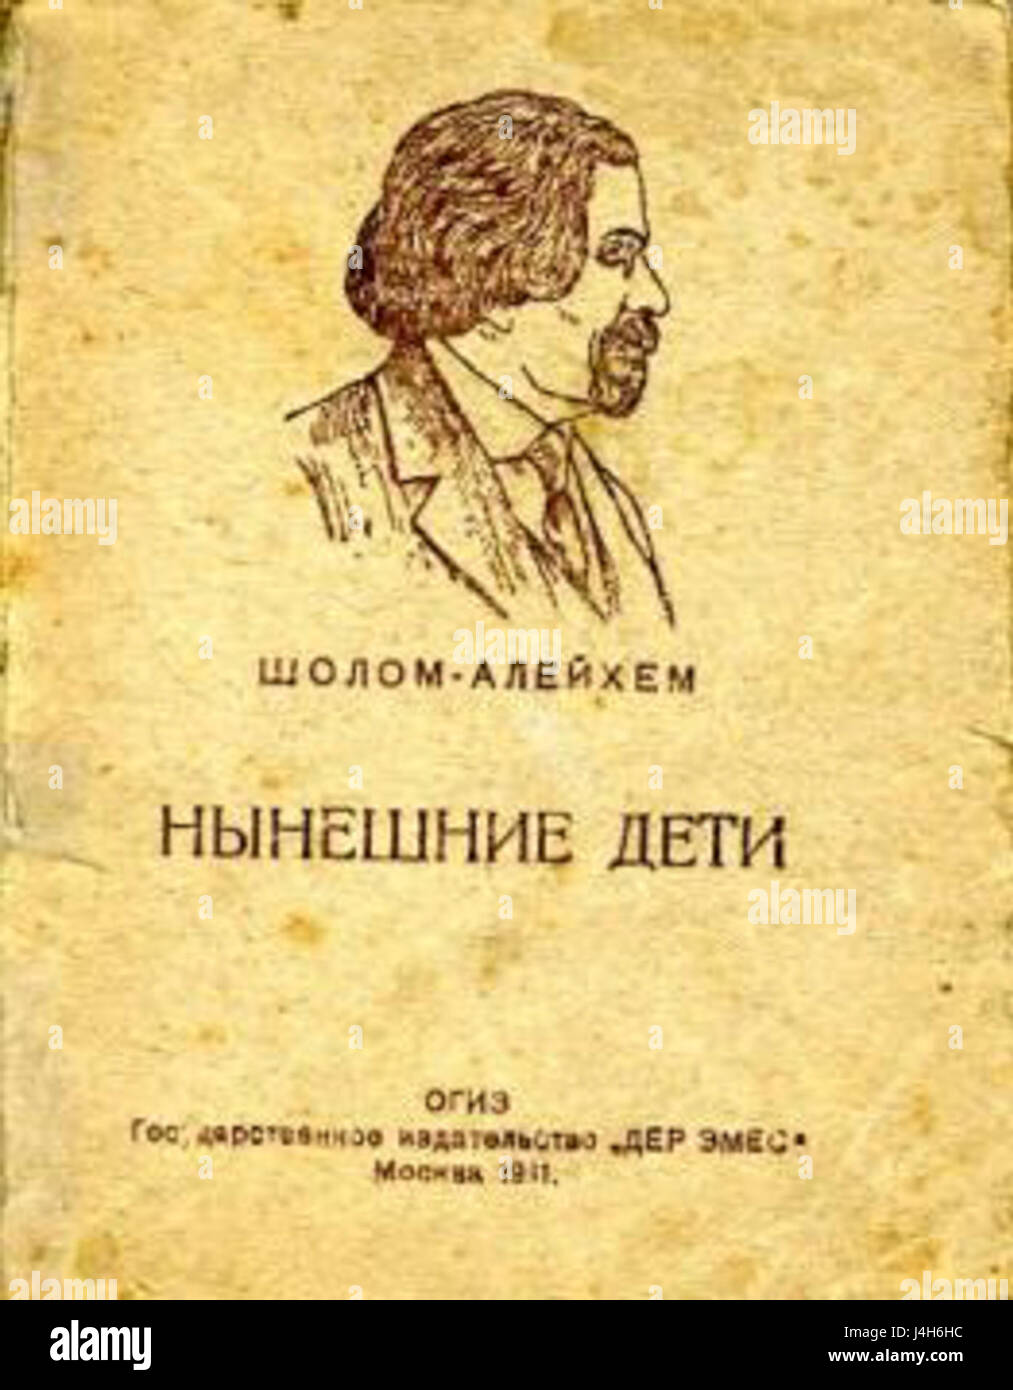 Sholem Aleichem published by Der Emes - Stock Image